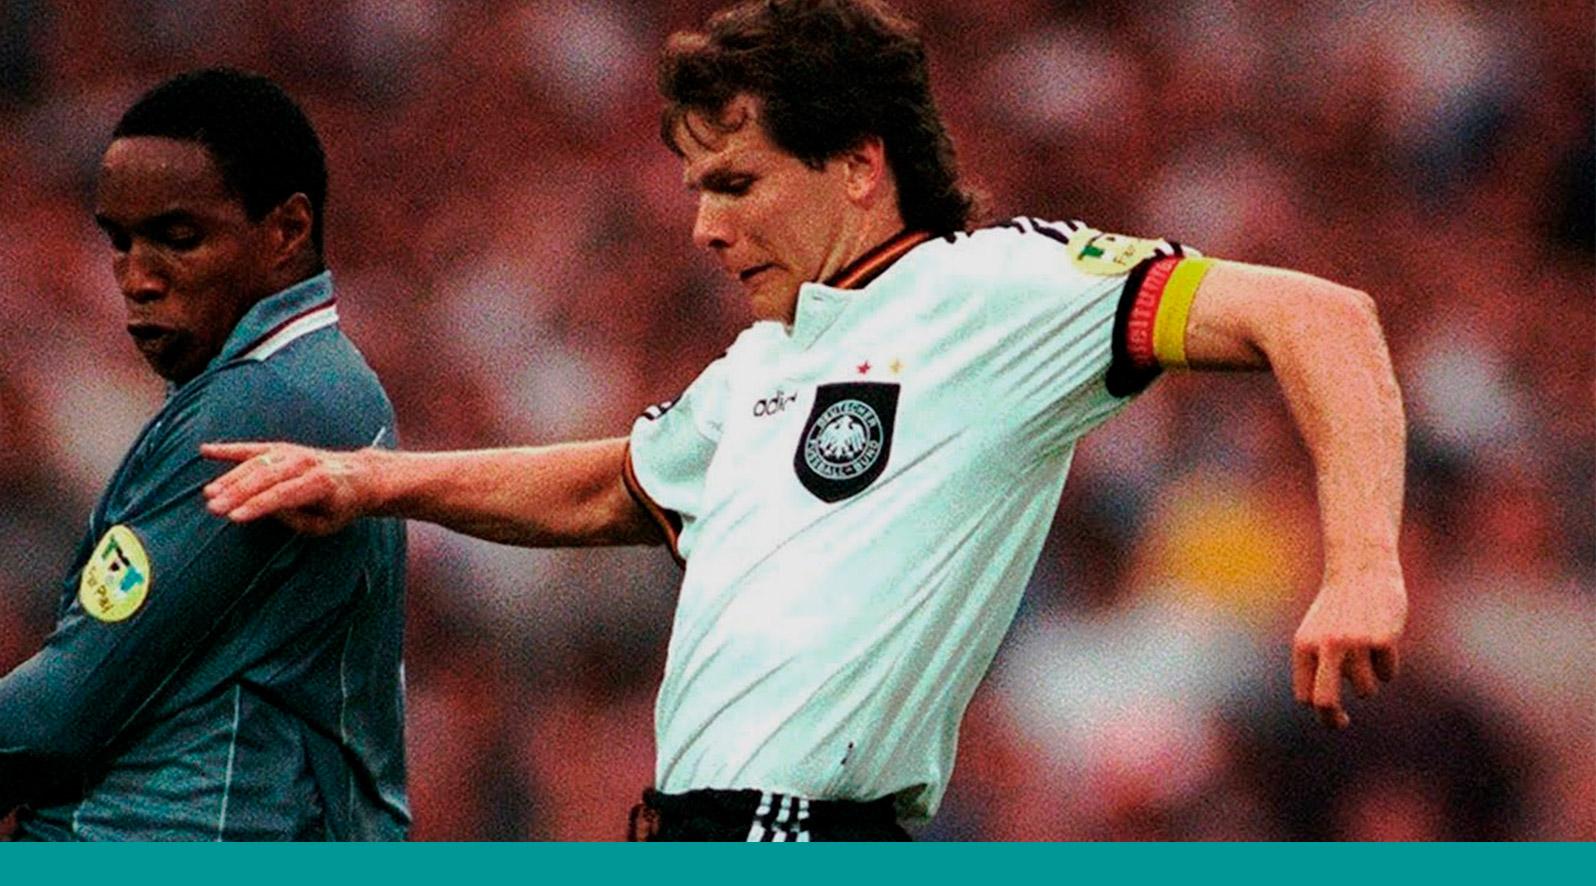 Euro-96-When-Football-Came-Home-Carousel-6